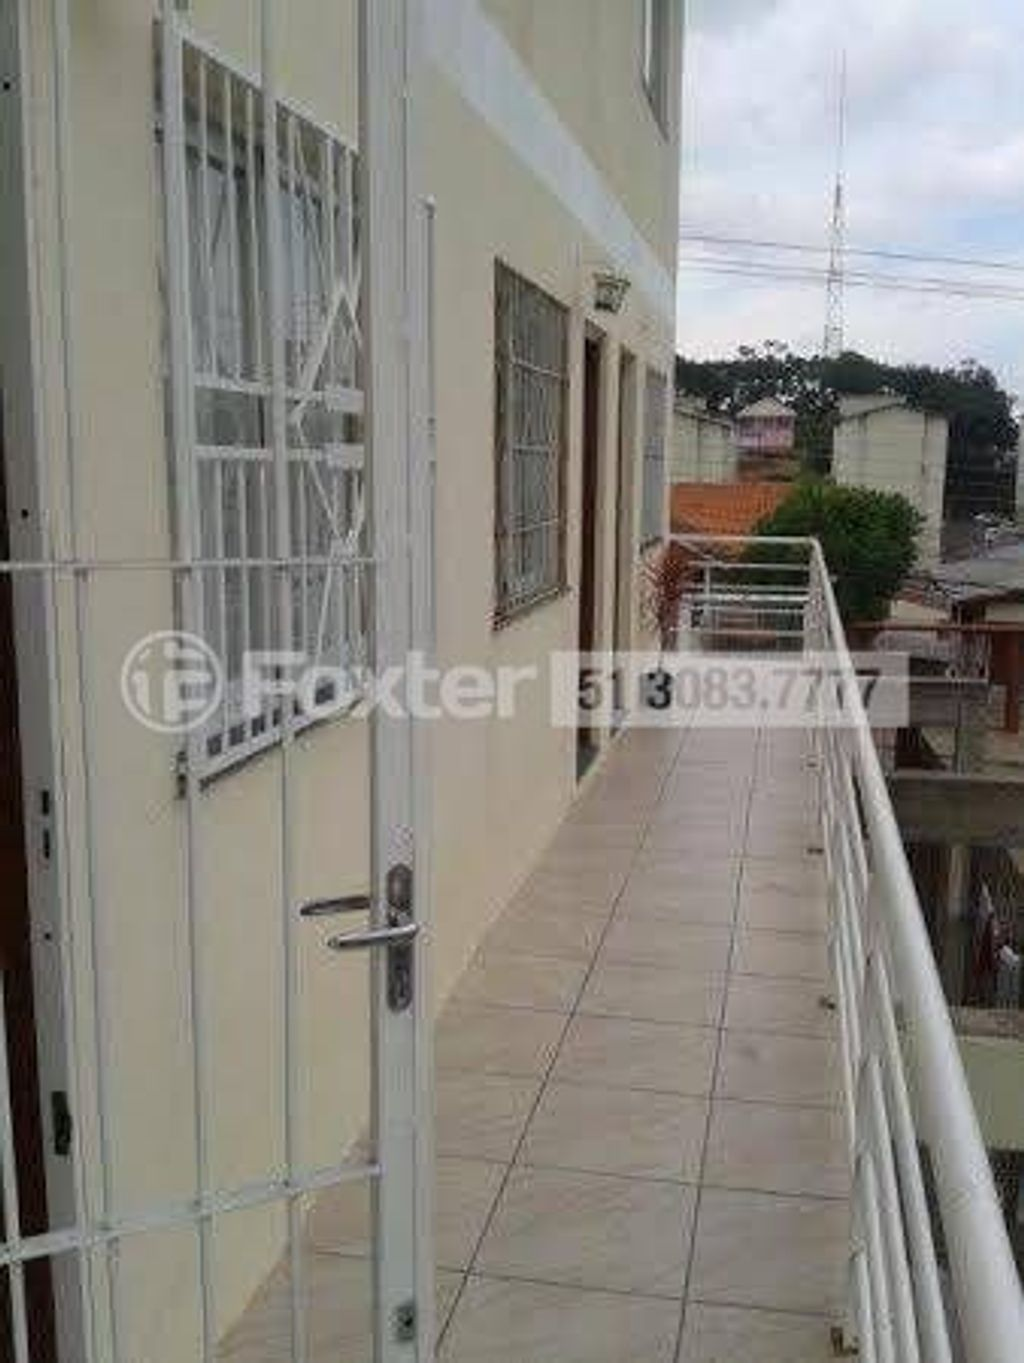 Foxter Imobiliária - Casa 3 Dorm, Caxias do Sul - Foto 4